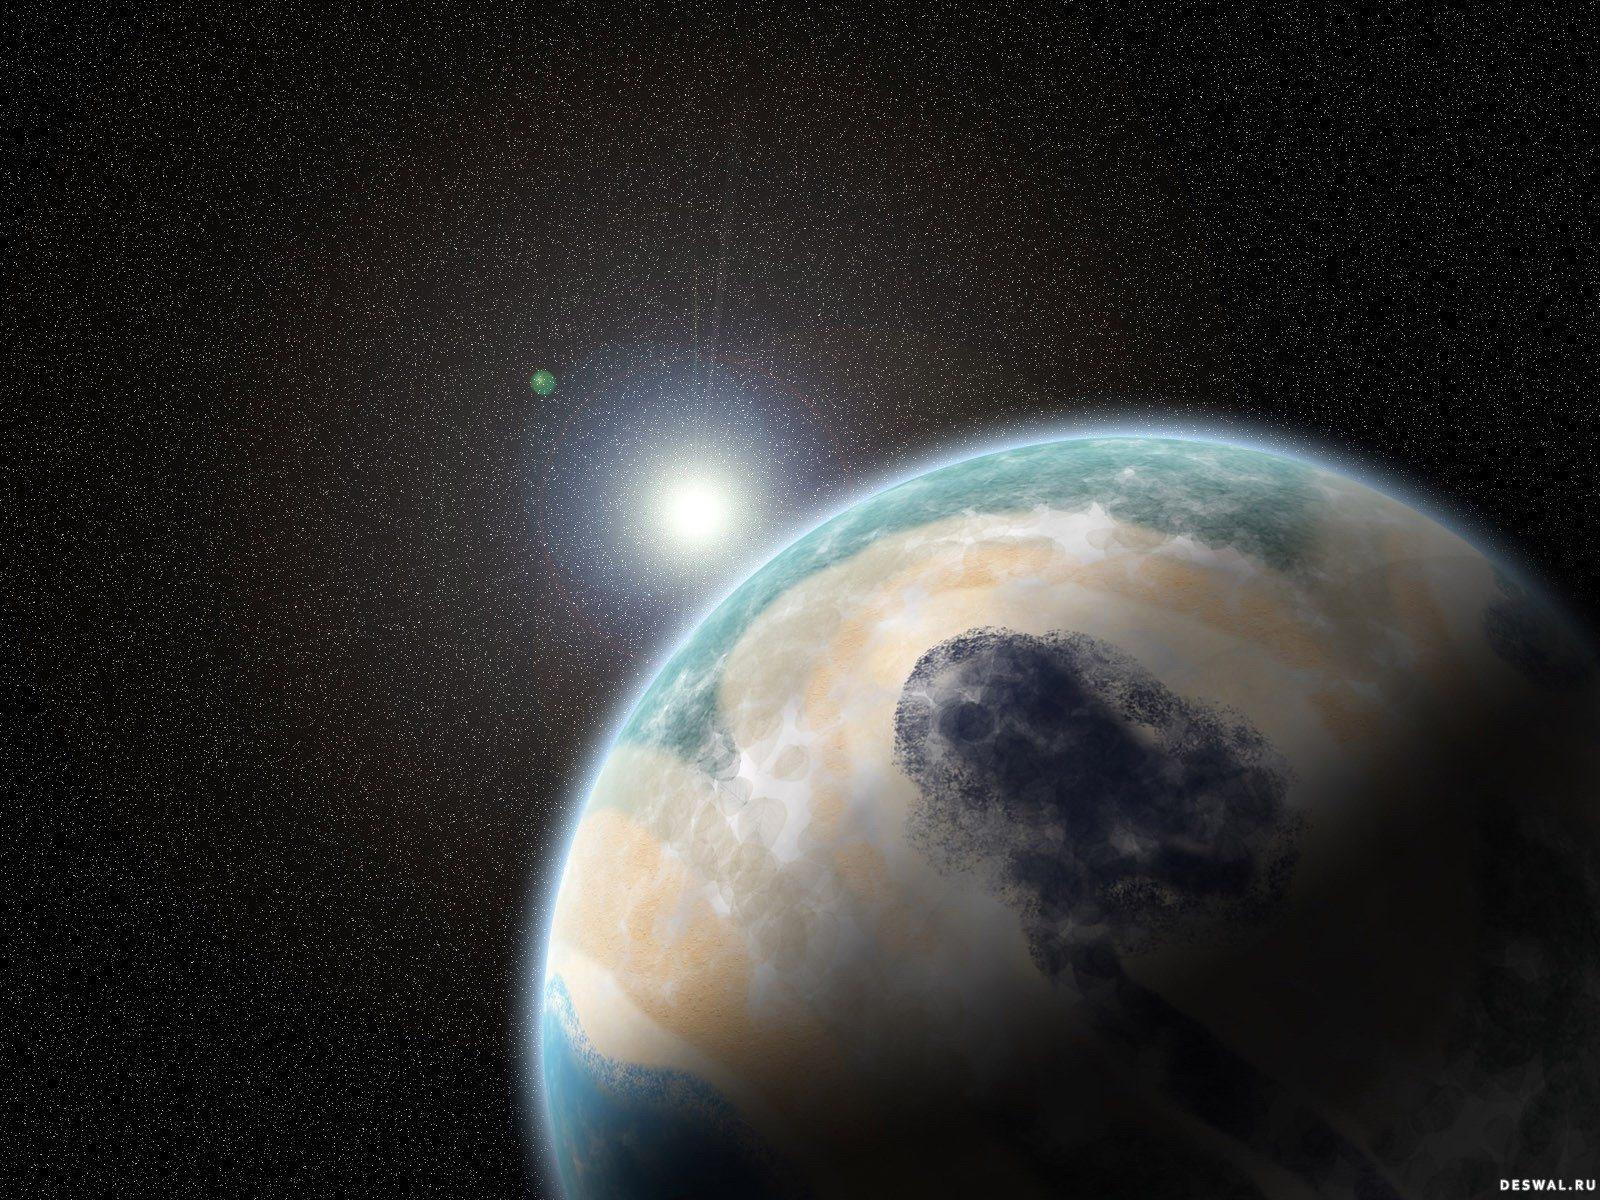 Фото 2.. Нажмите на картинку с обоями космоса, чтобы просмотреть ее в реальном размере